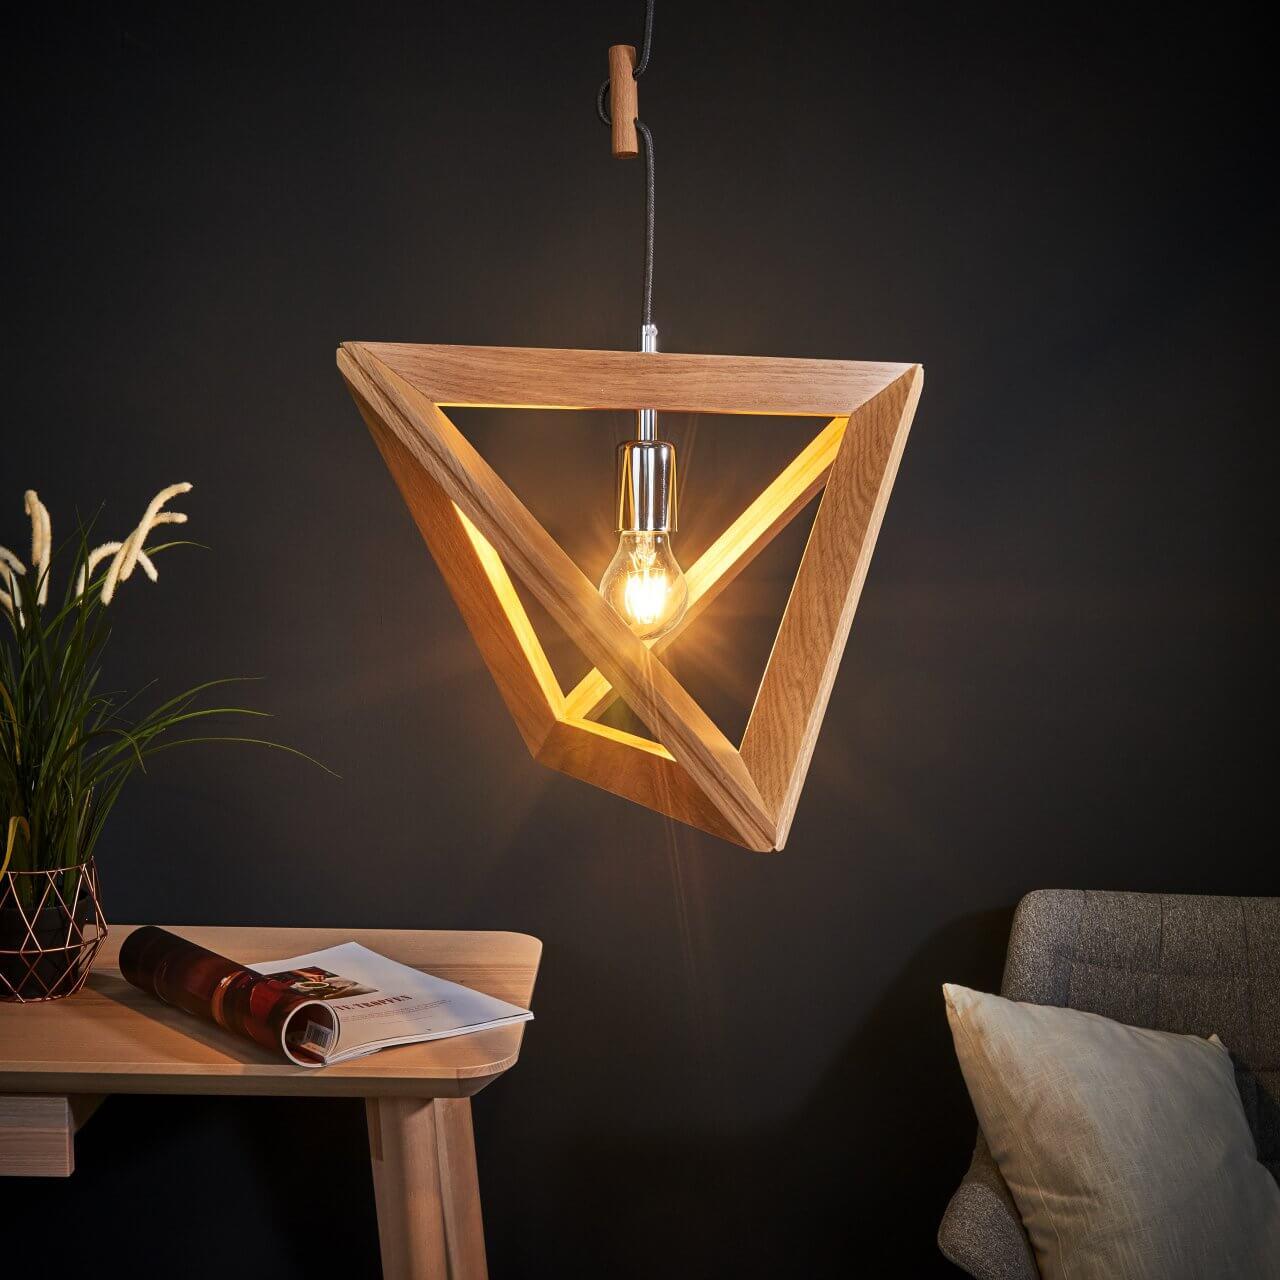 Houten frame lamp